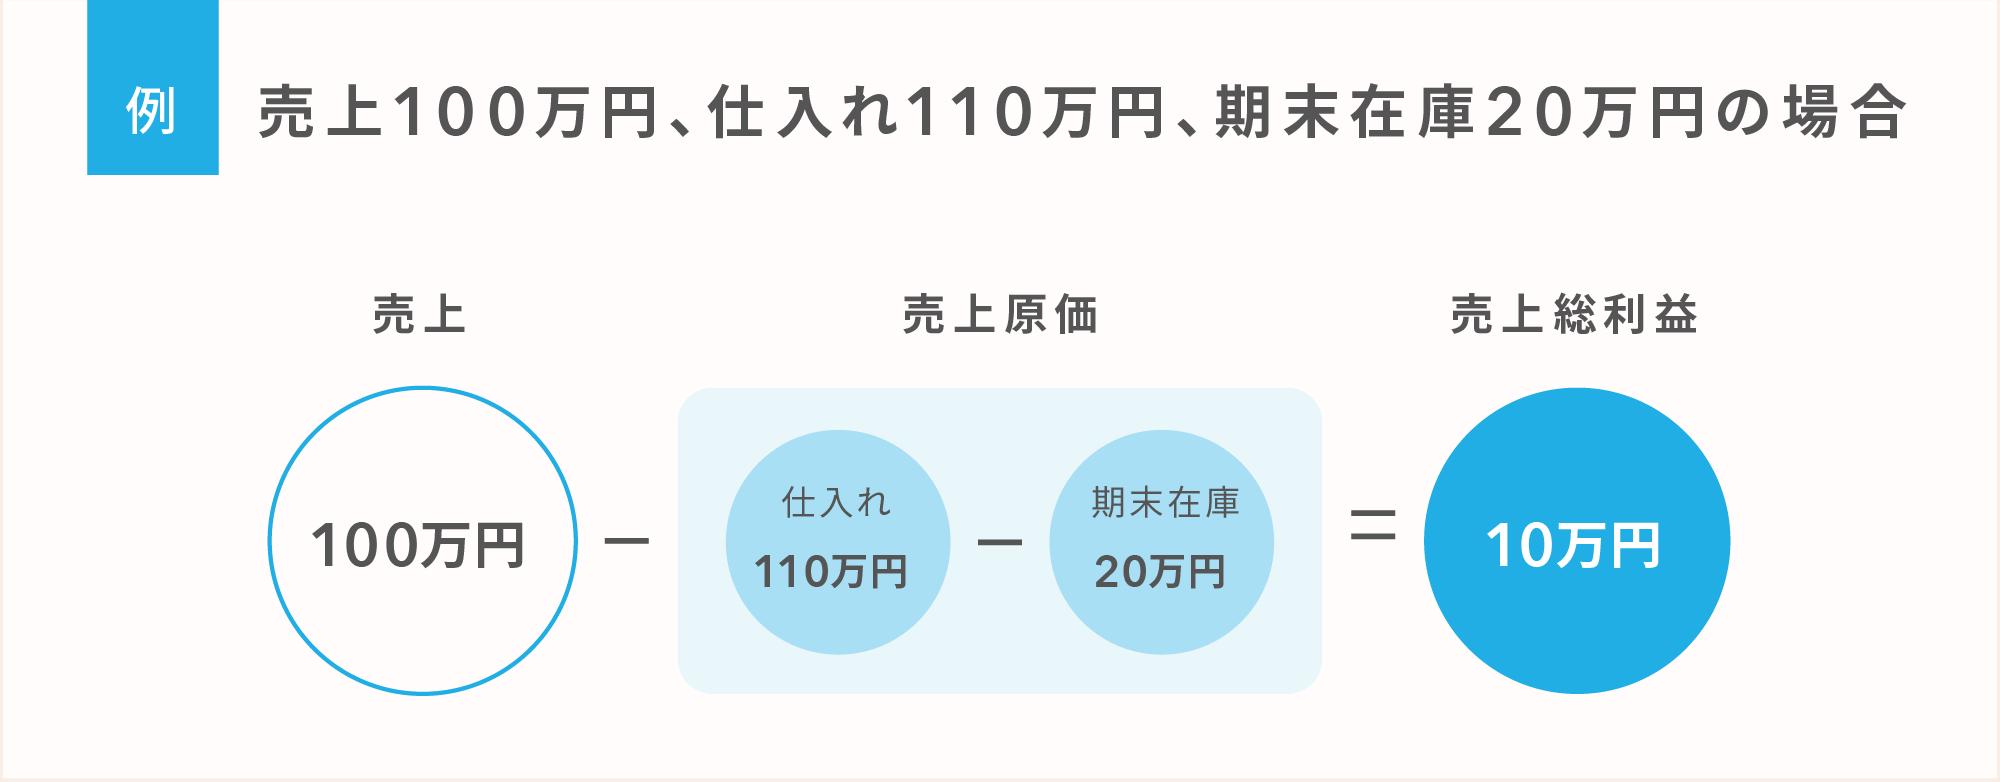 在庫が増えれば利益が増える? 例:売上100万円、仕入れ110万円、期末在庫20万円の場合